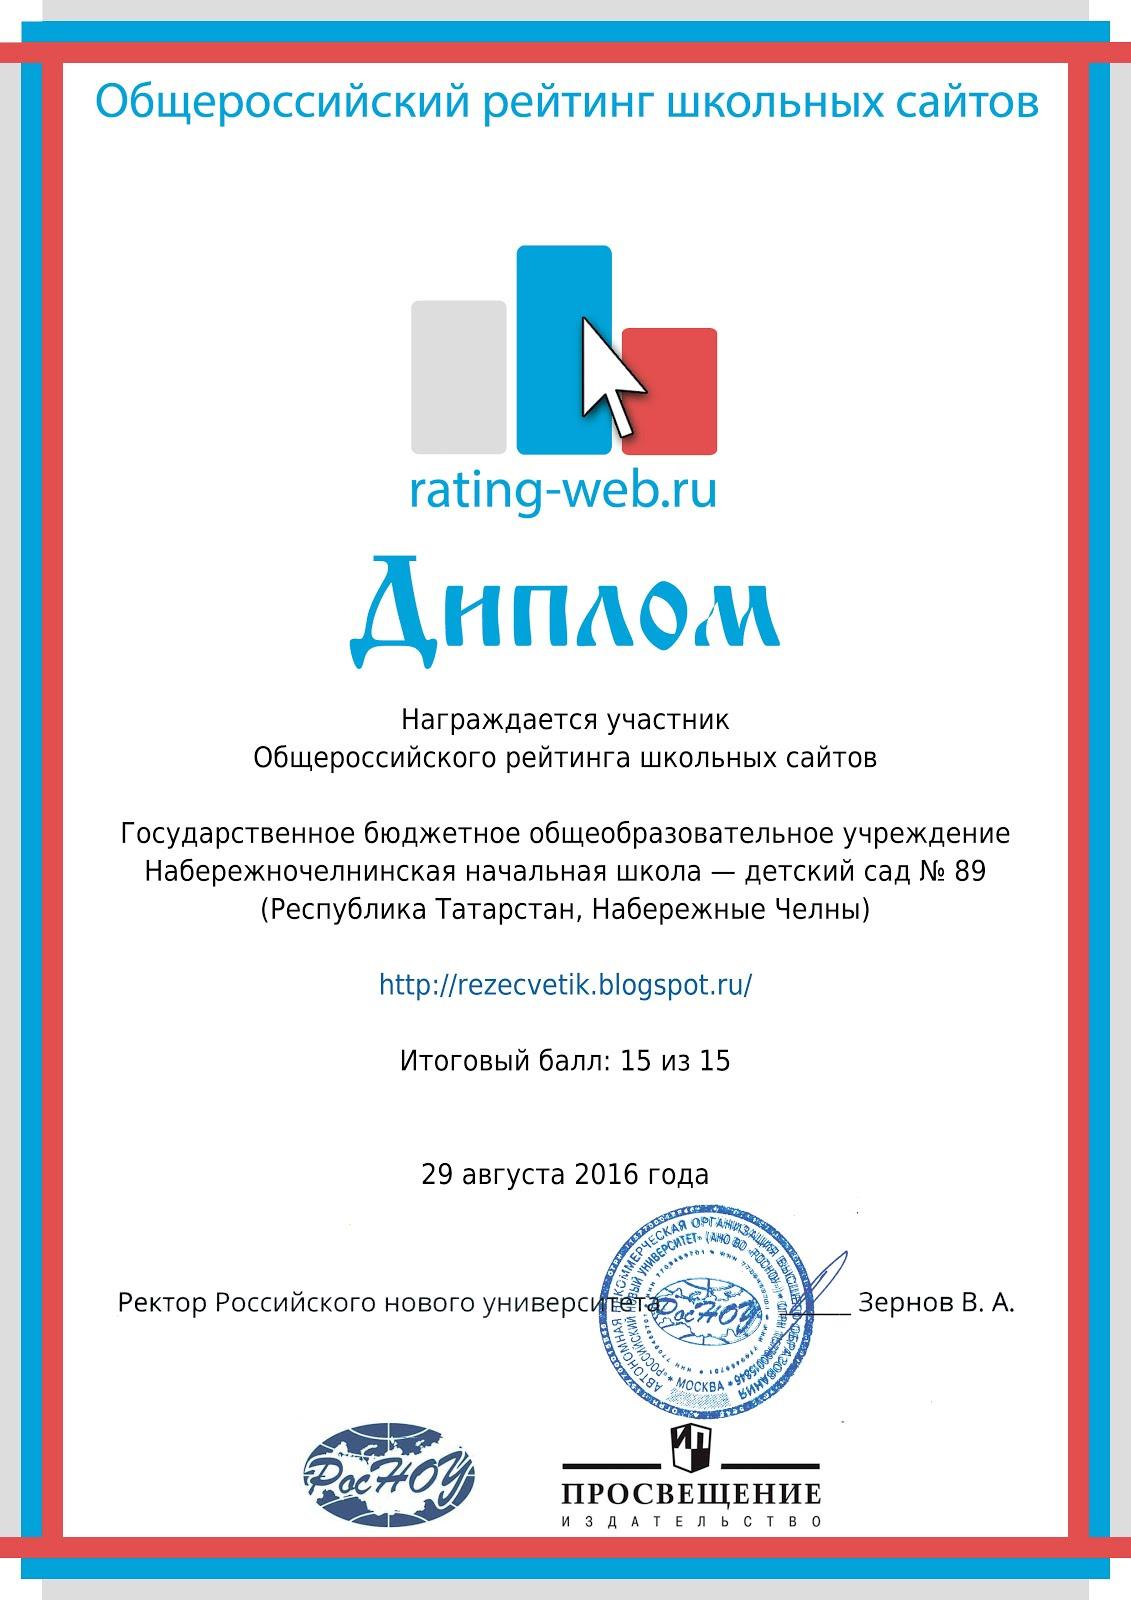 Диплом Общероссийского рейтинга школьных сайтов. Сайт высокого уровня